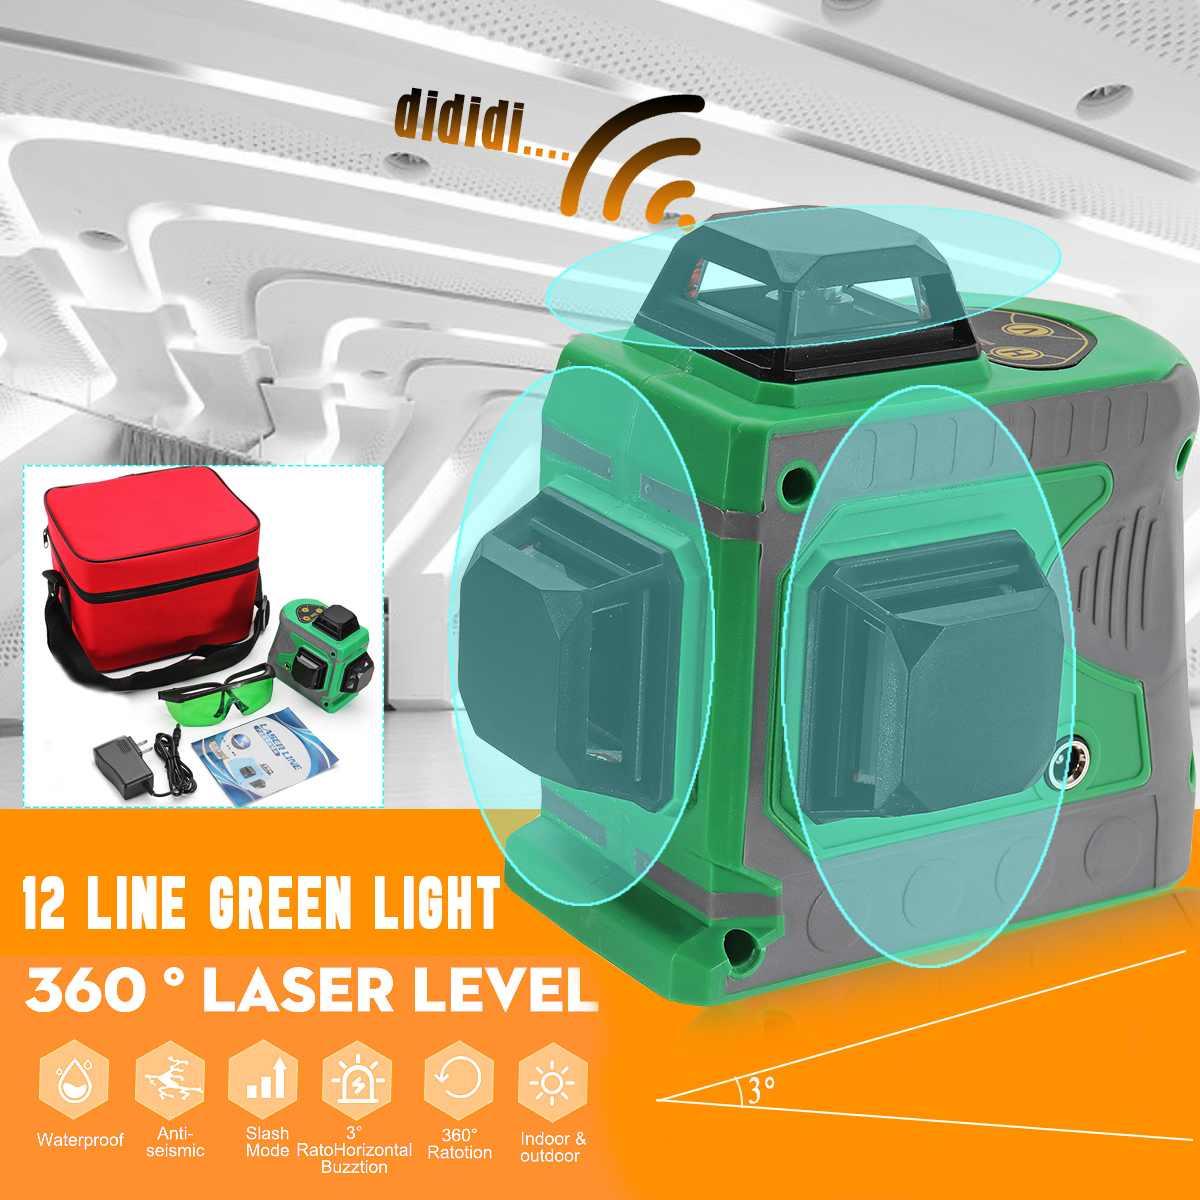 360 Rotatif Mesure 3D 12 Ligne Vert Lumière Laser Niveau Auto Auto Nivellement Horizontal Vertical Croix Auto-Nivellement 635nm la stabilité